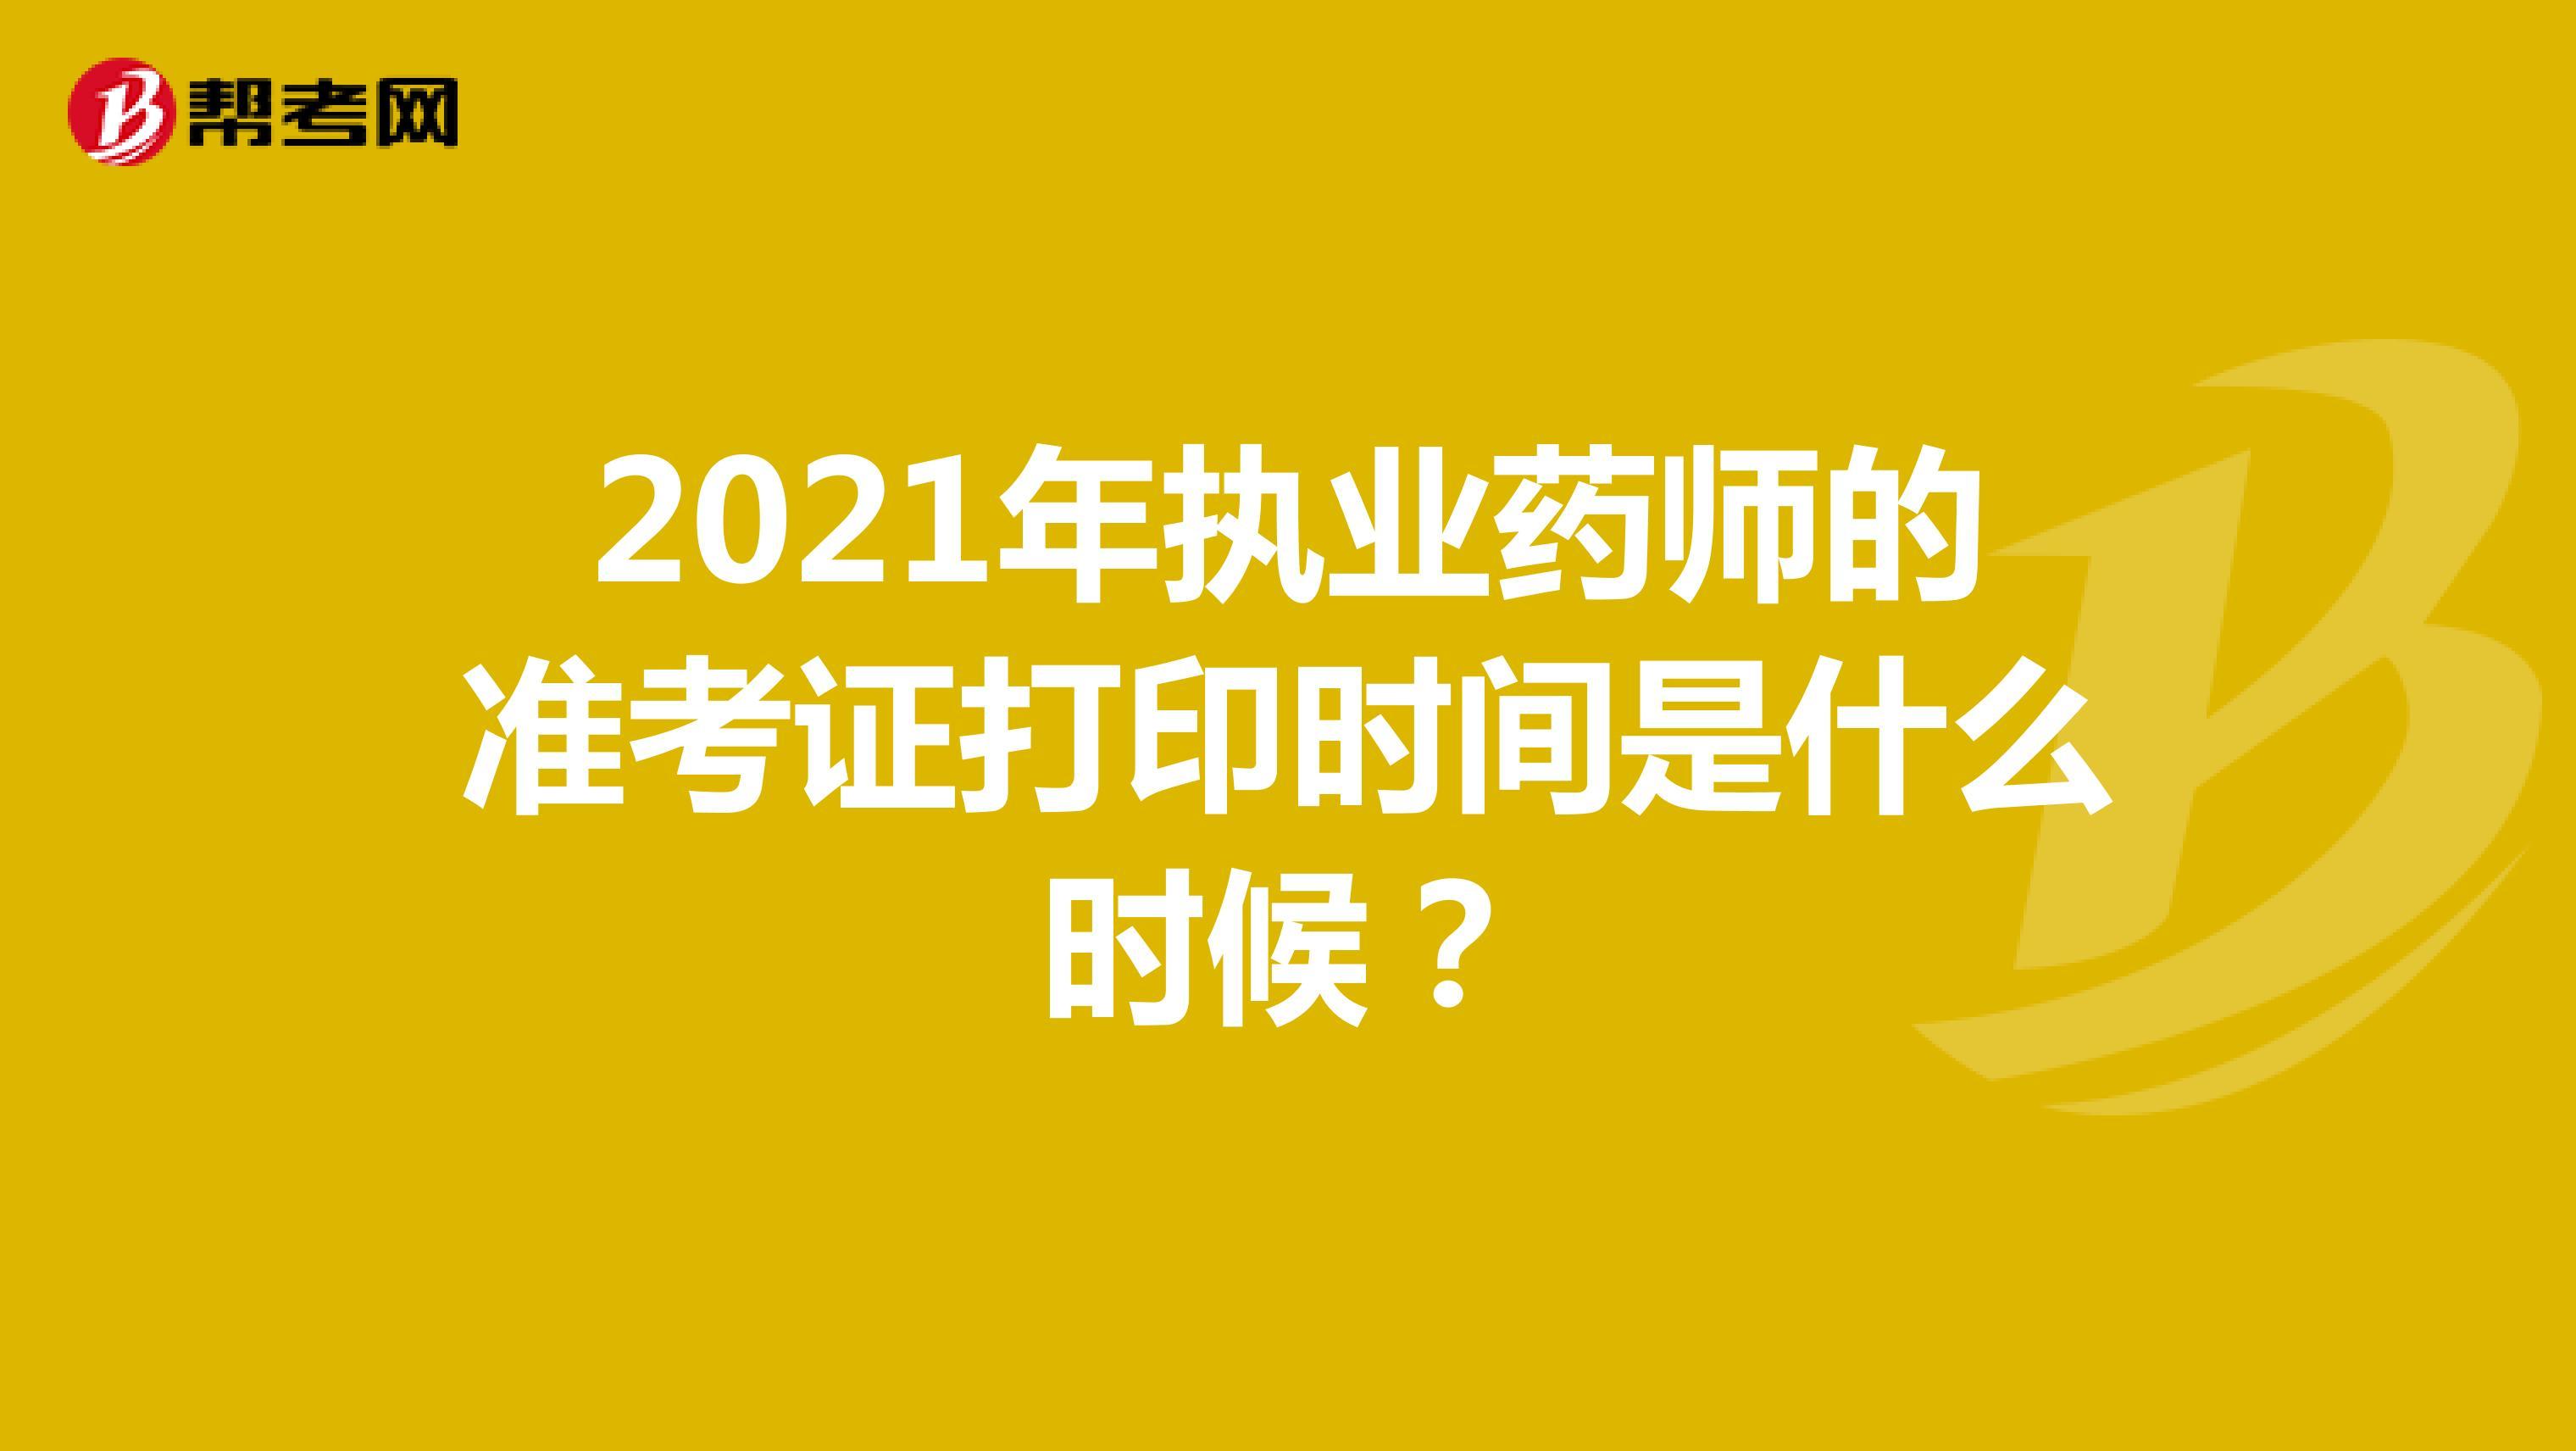 2021年执业药师的准考证打印时间是什么时候?